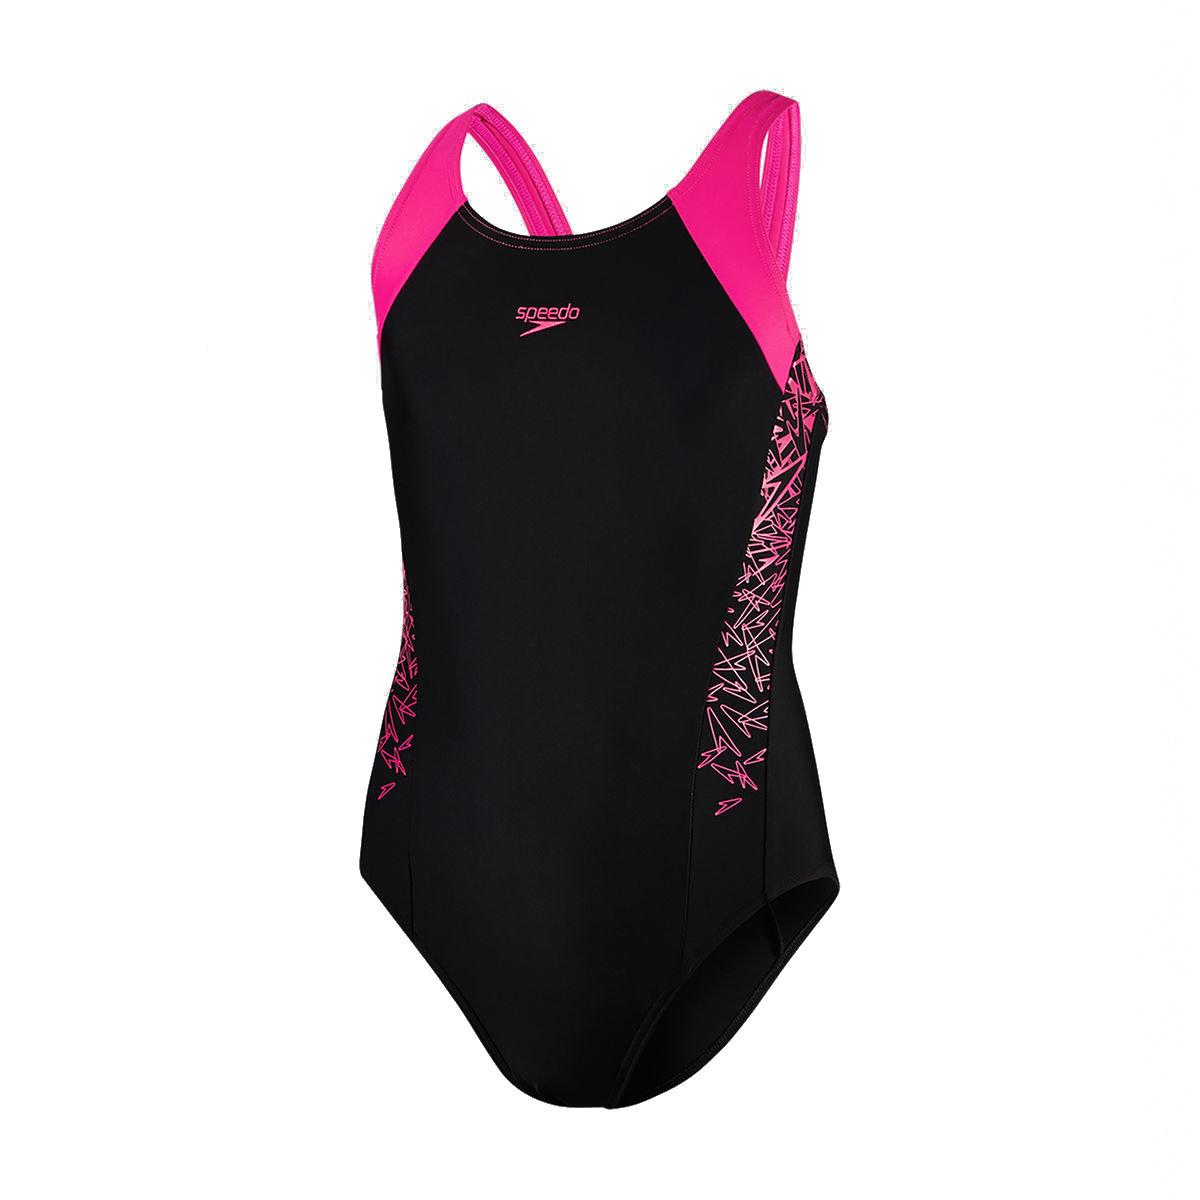 少女經典印花連身泳衣-黑/粉紅